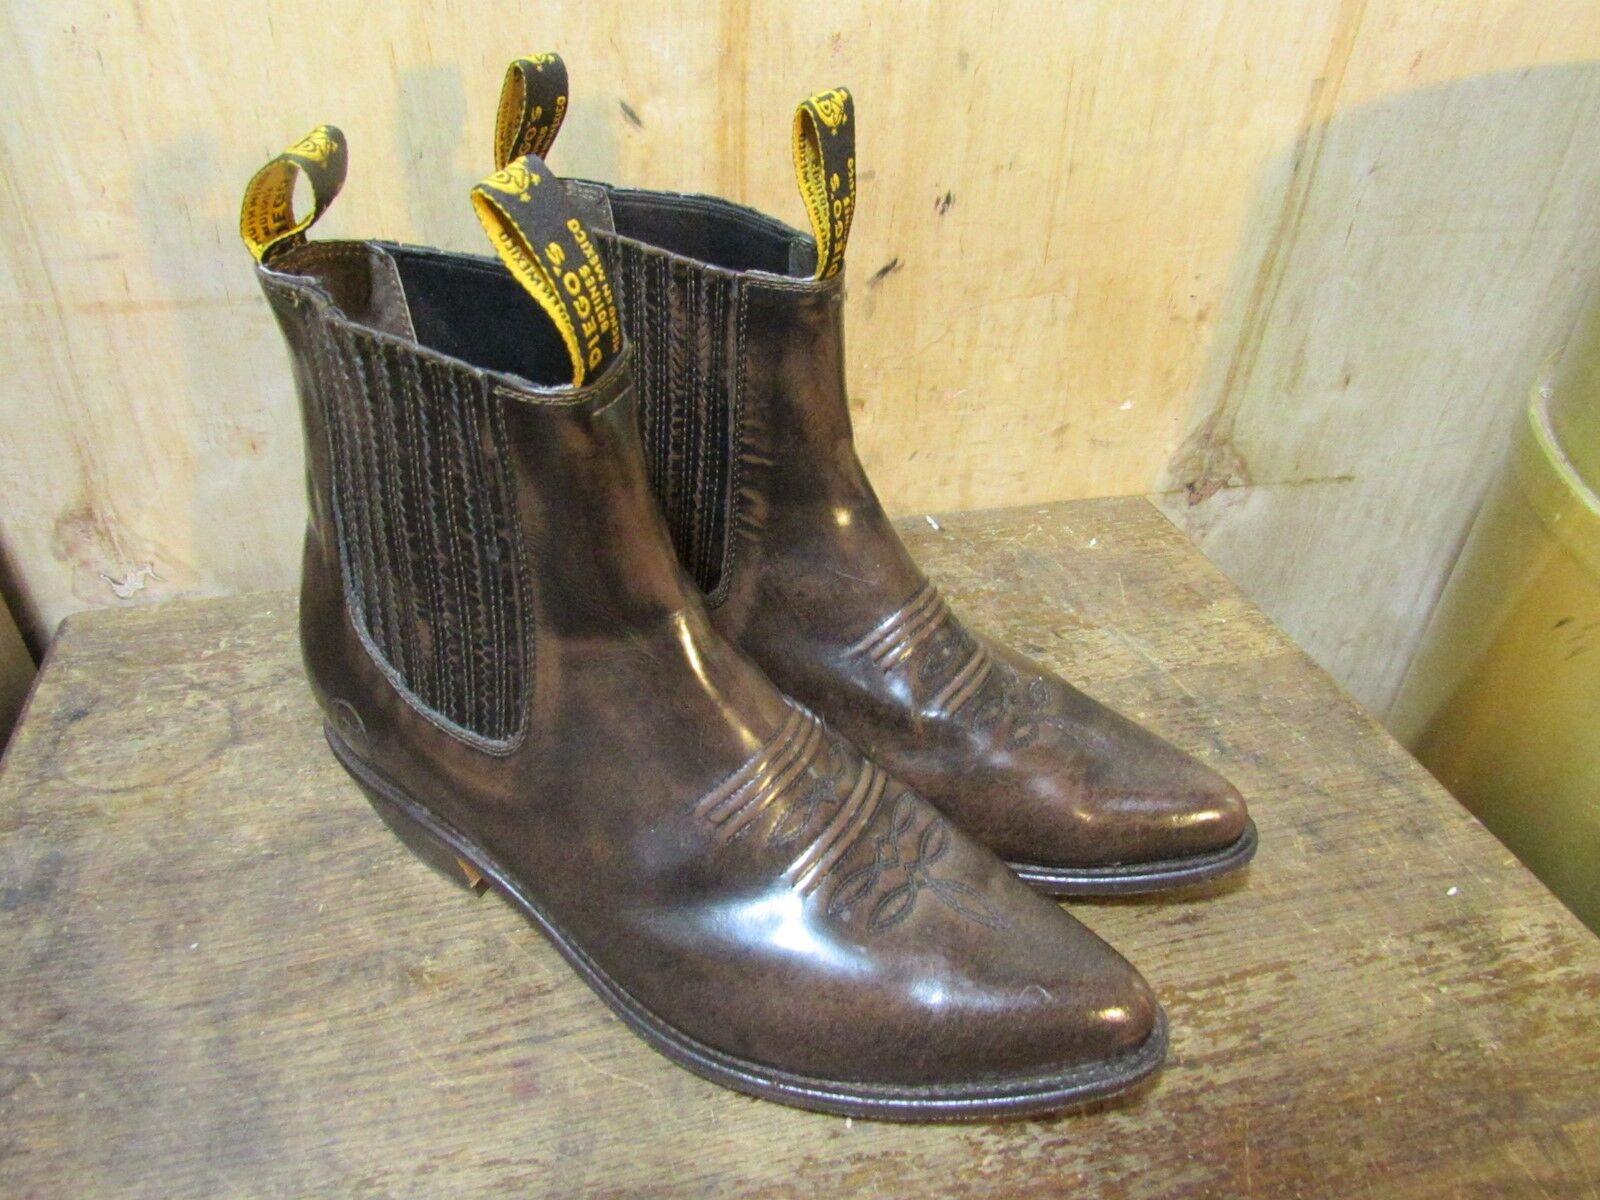 Diego's botines de cuero marrón de mármol Cowboy Tobillo botas Para Hombres Mex 11 US